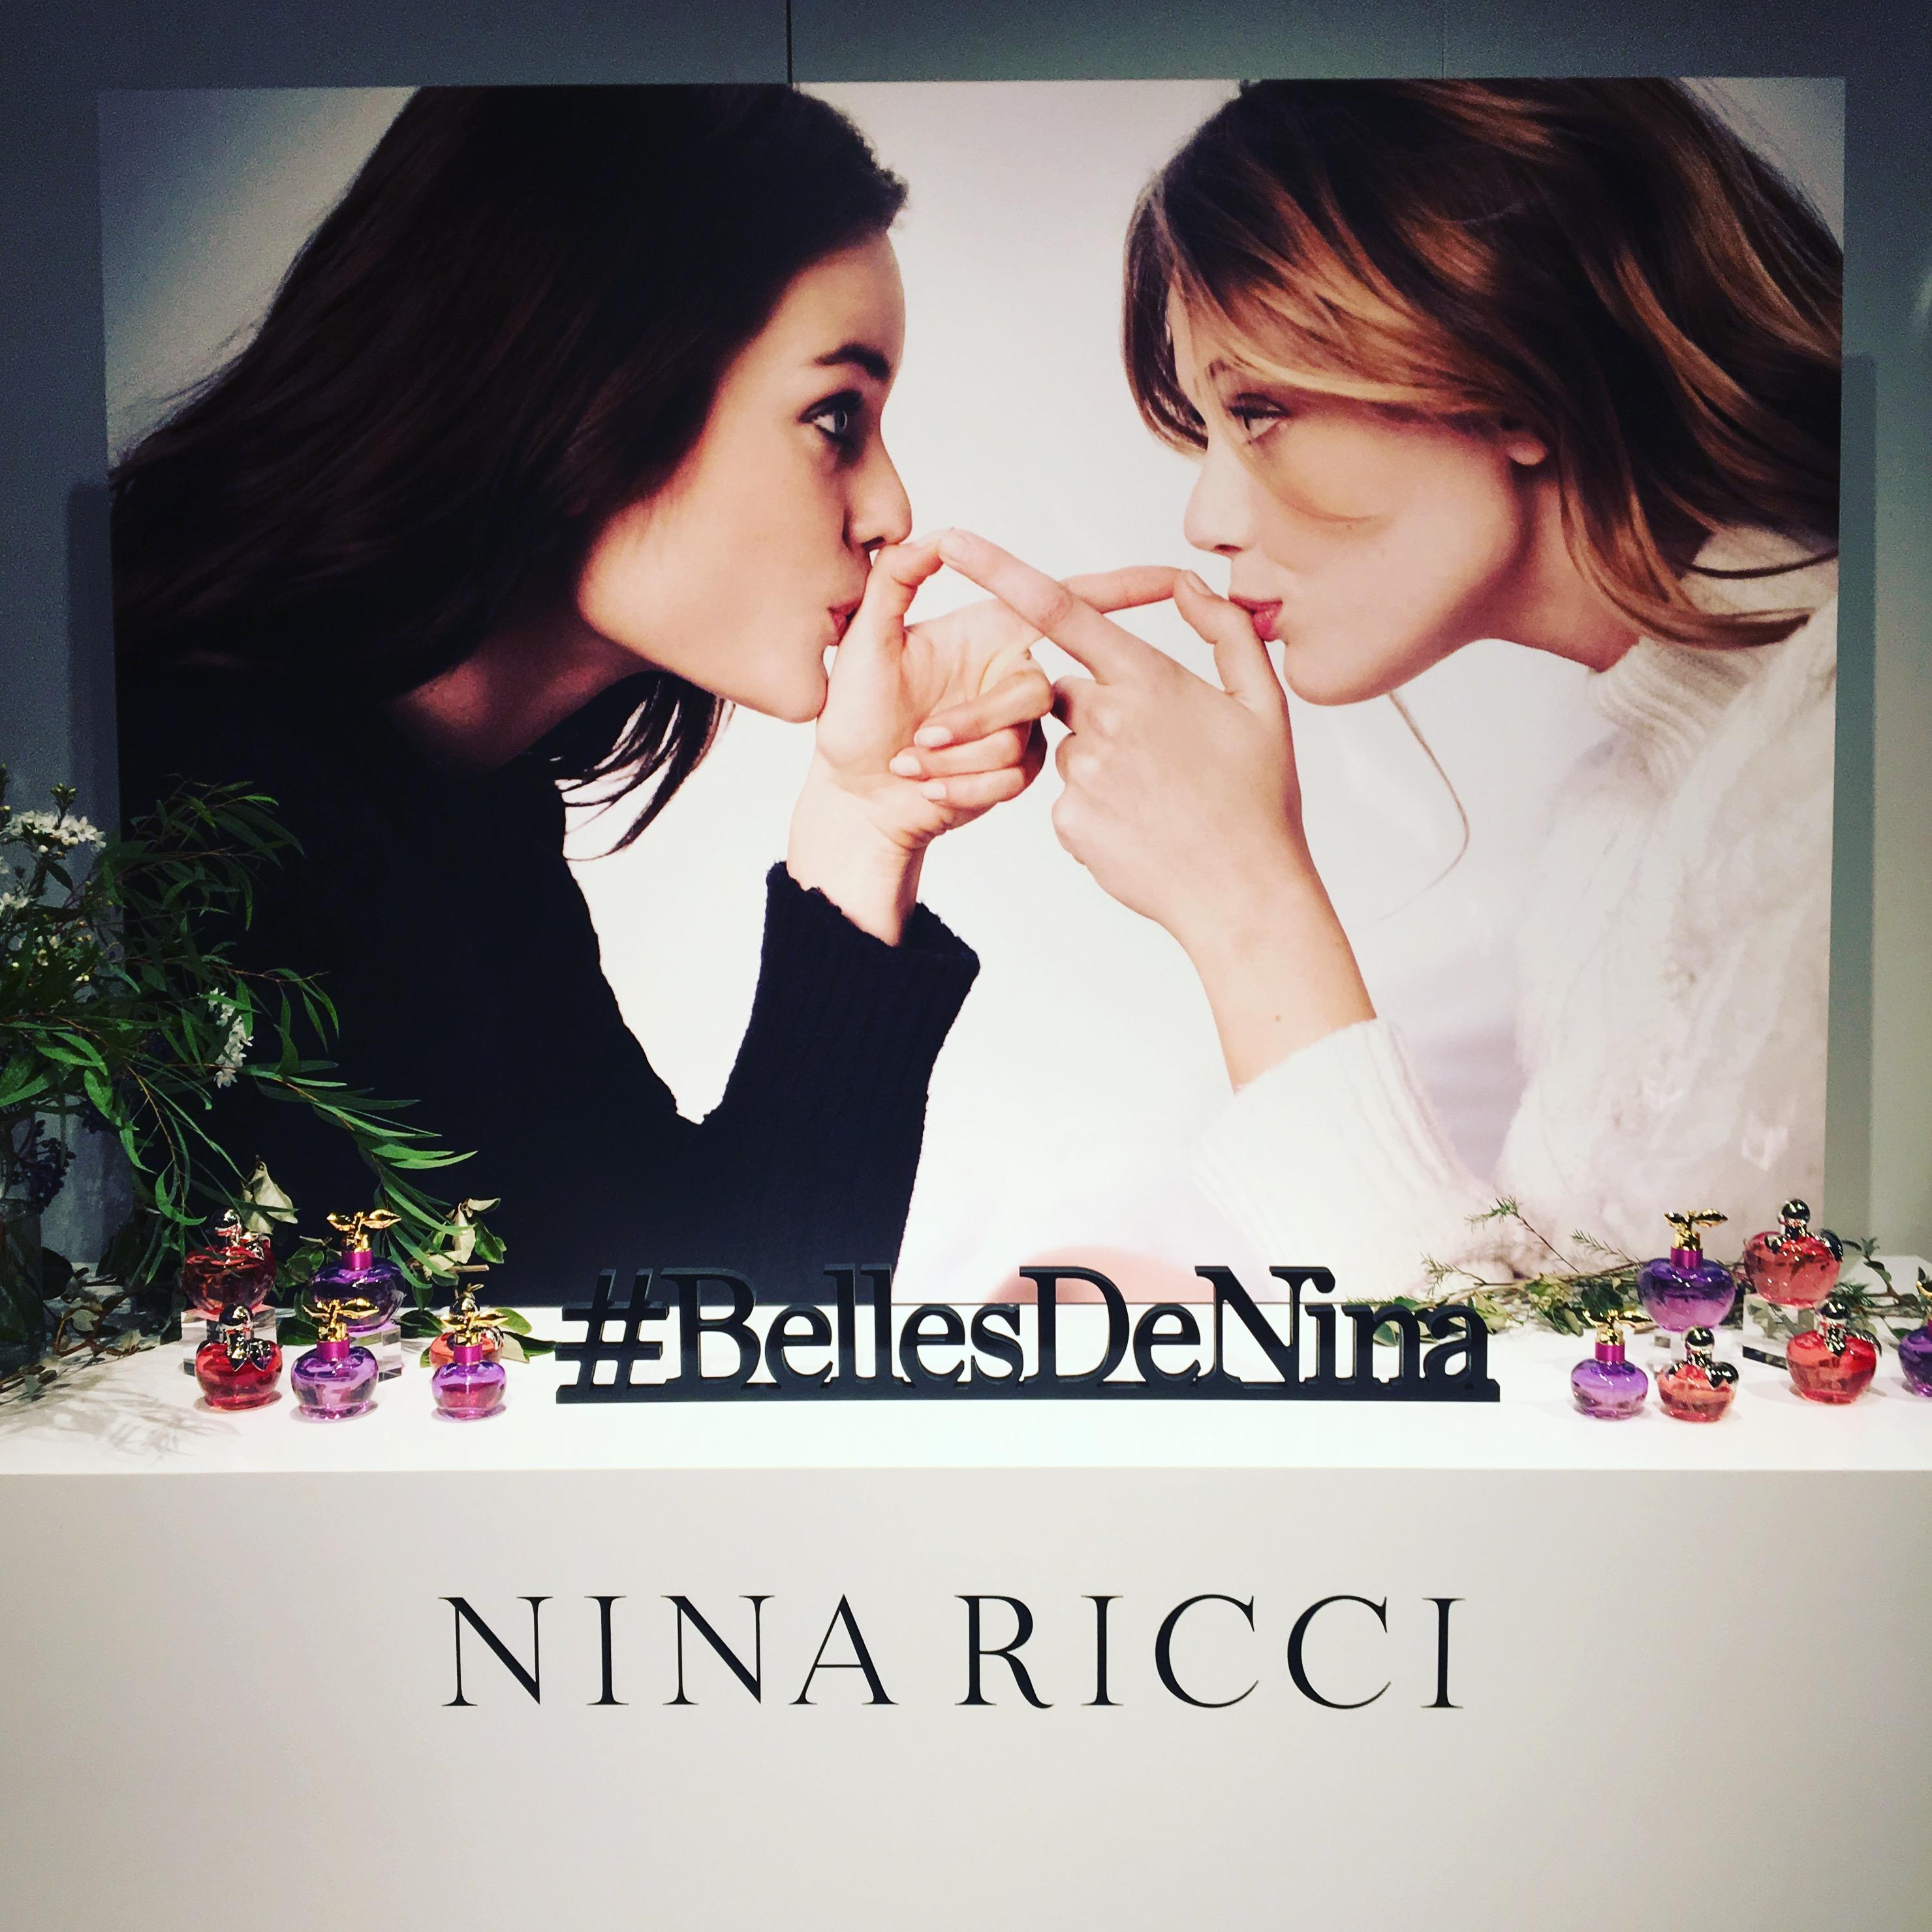 ニナリッチ、nina ricci、ルナ ブロッサム、 ニナ